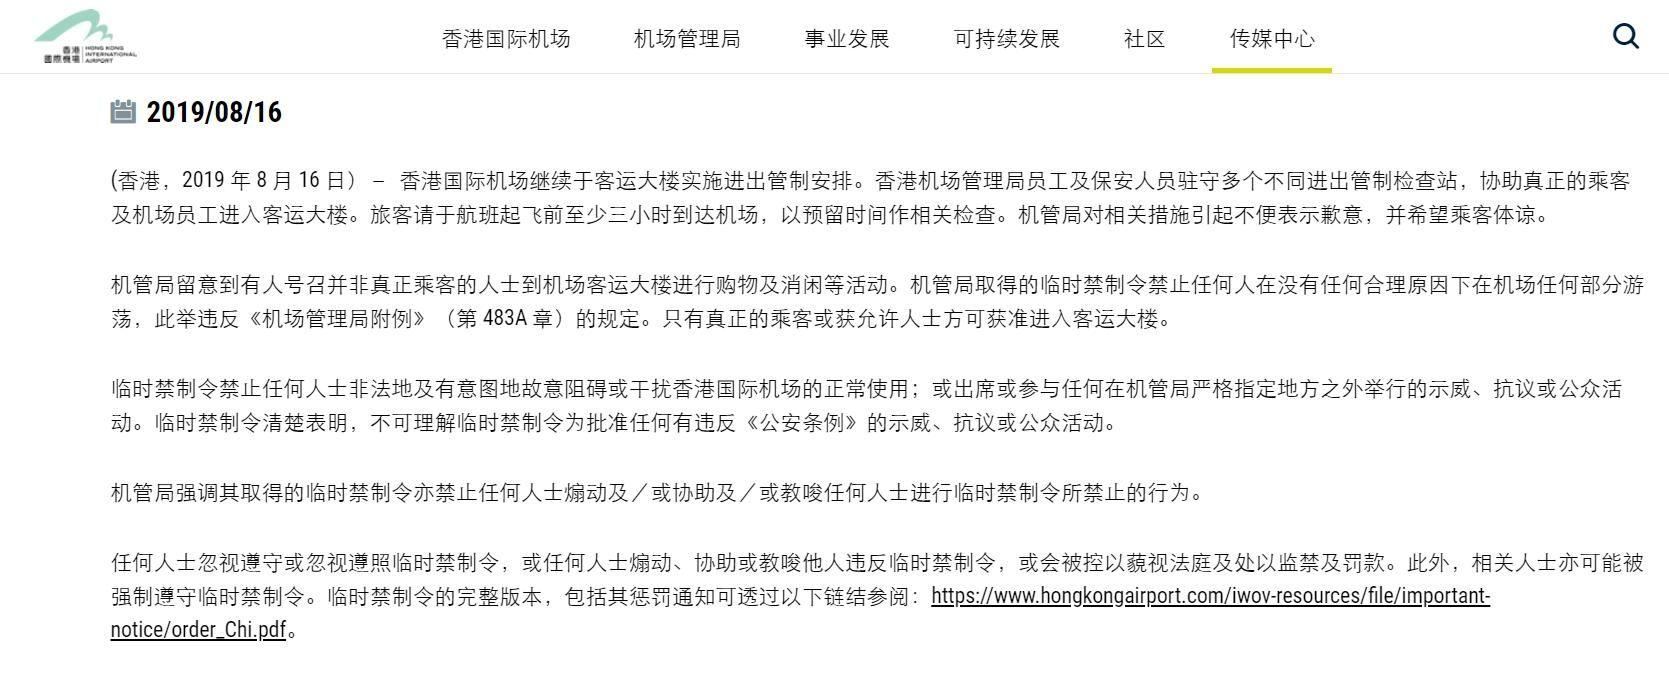 香港机管局:16日客运大楼继续实施进出管制